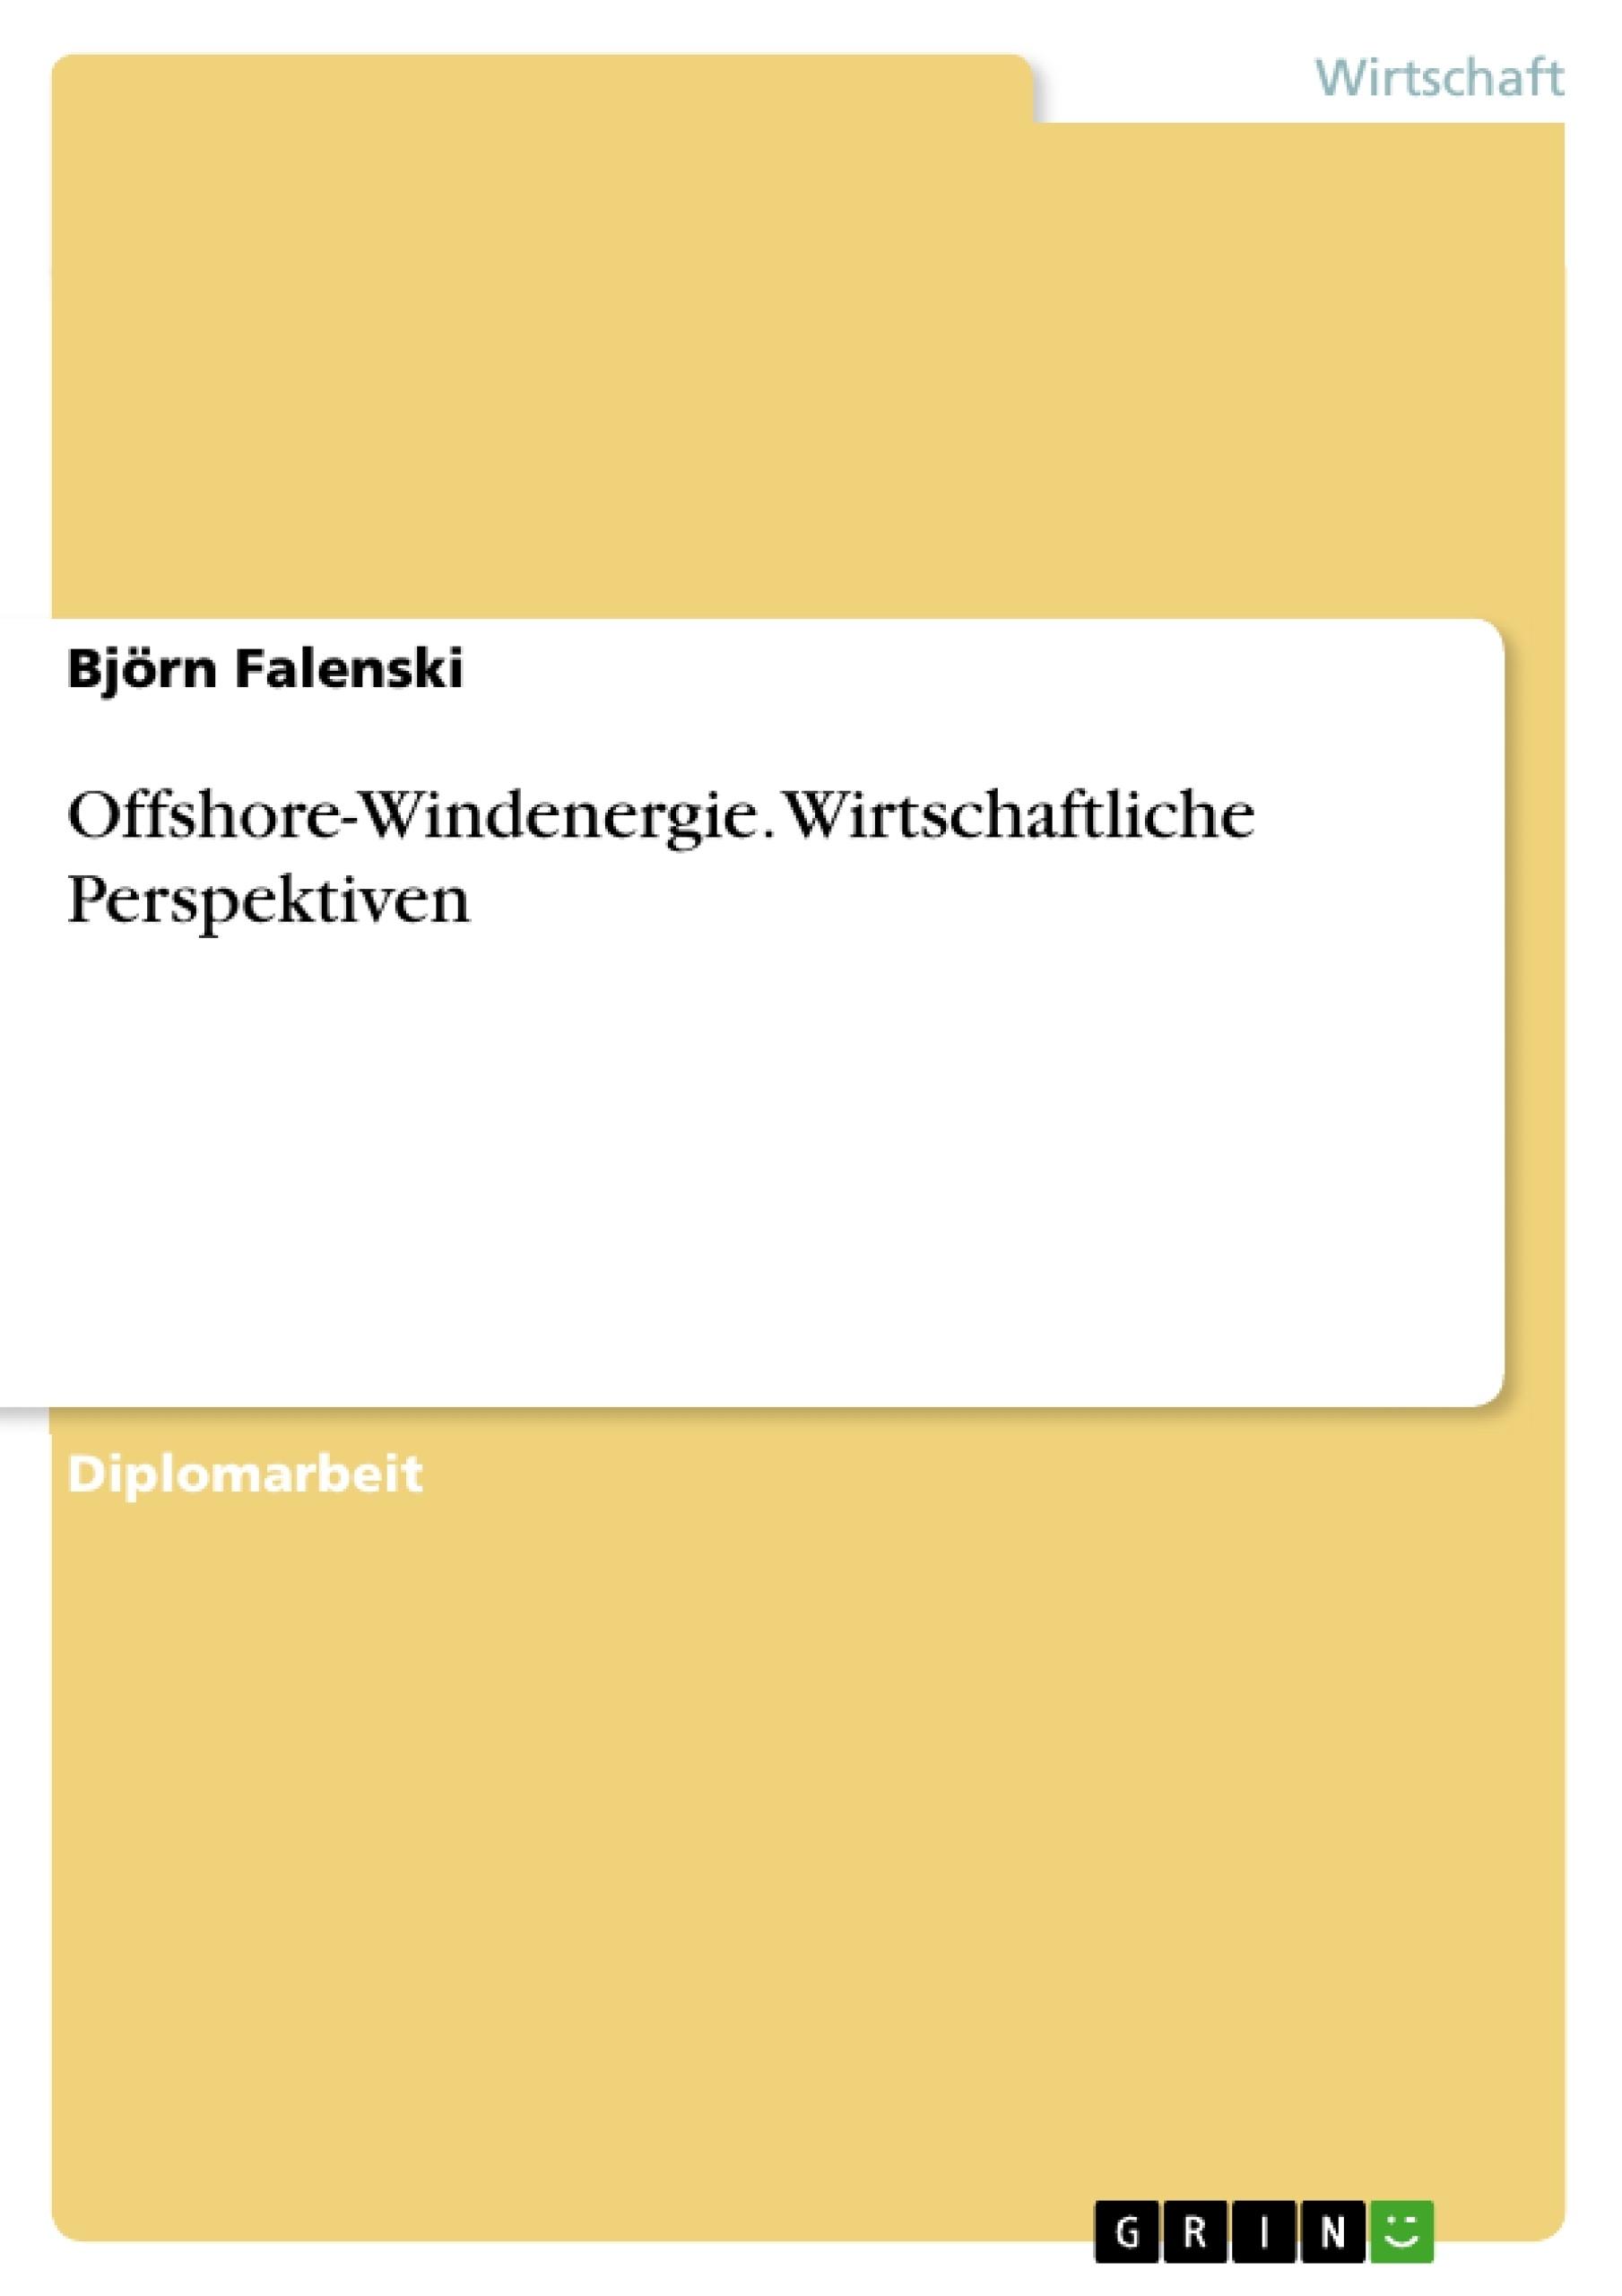 Titel: Offshore-Windenergie. Wirtschaftliche Perspektiven